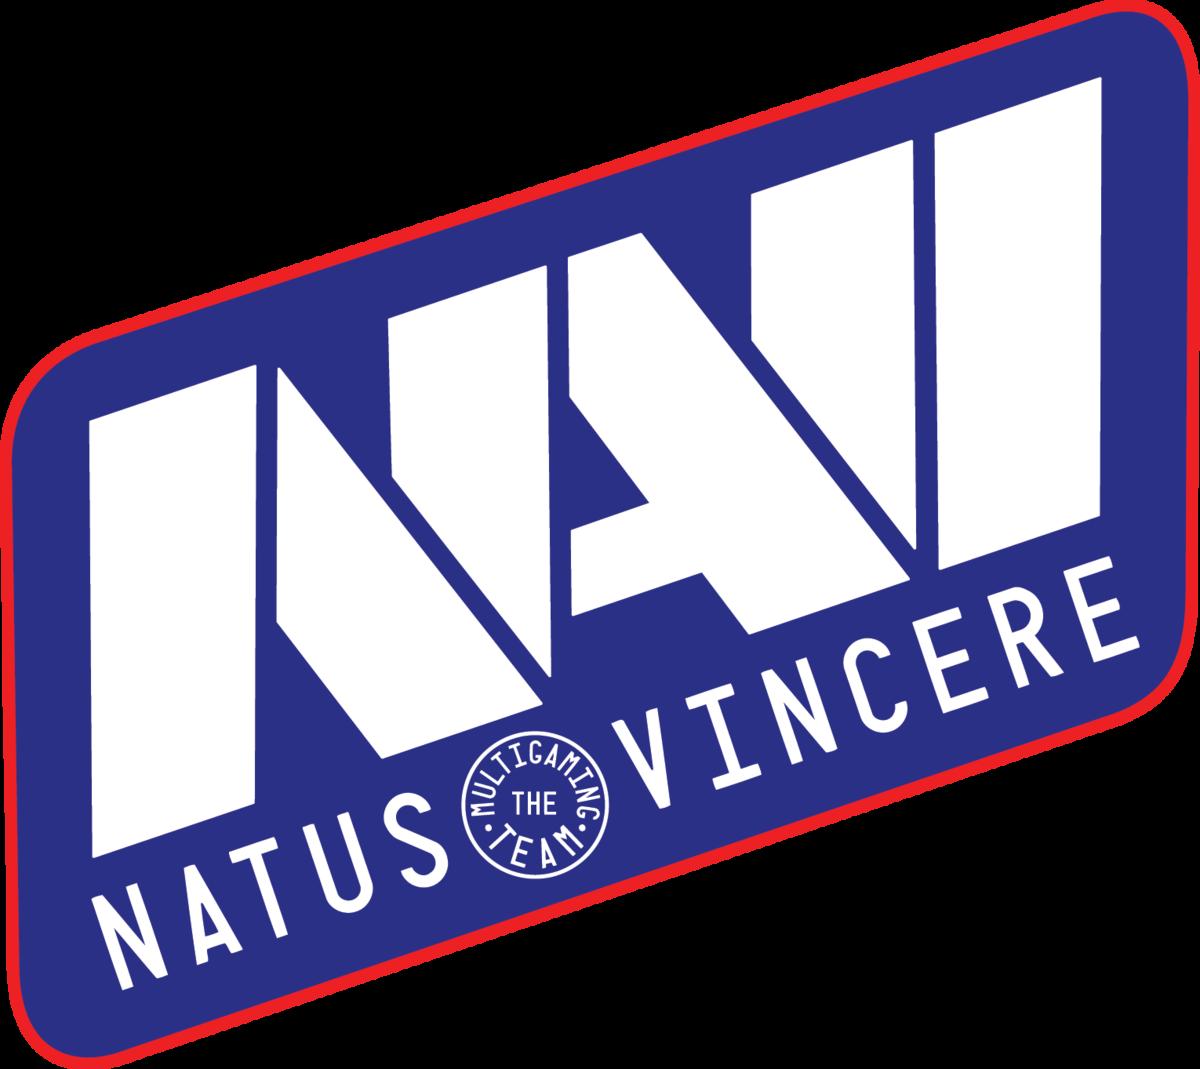 Natus Vincere North America.